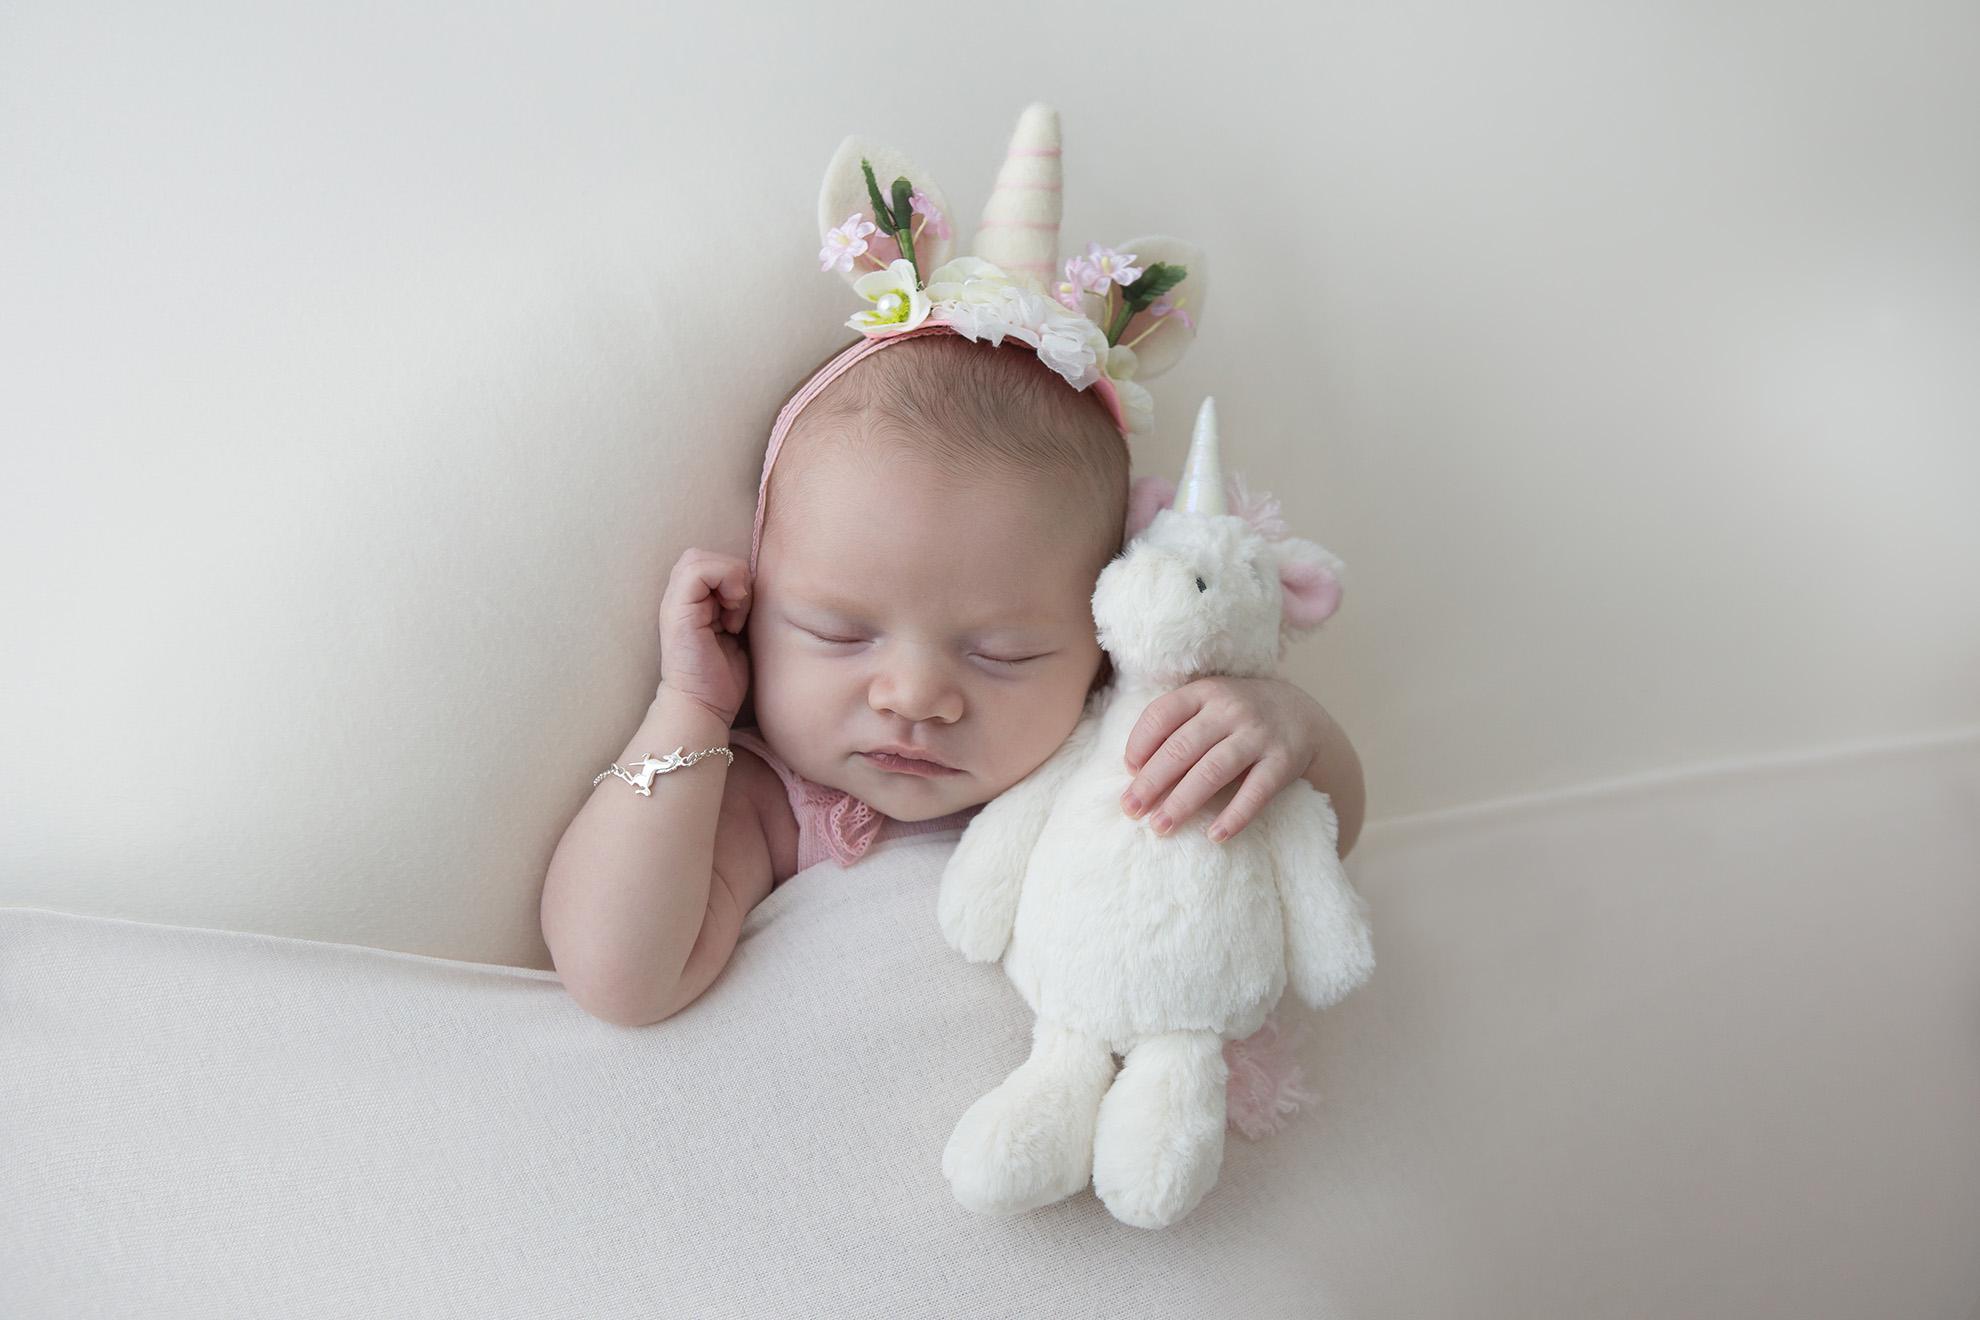 Newborn-photography-unicorn-photo-shoot.jpg